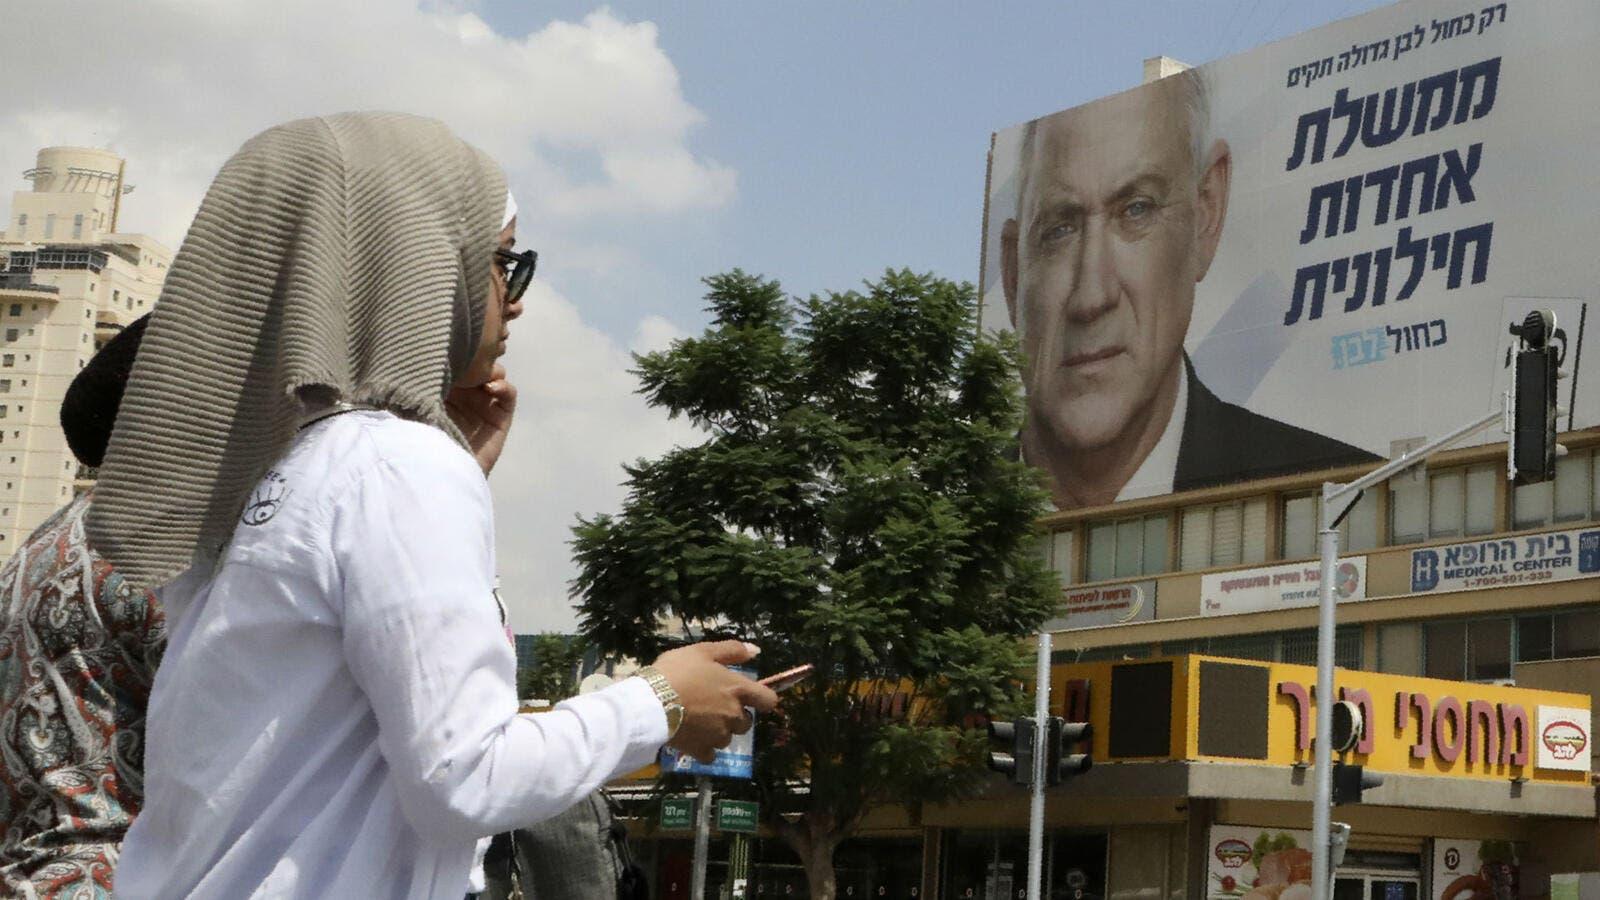 ولايات أميركية تتظاهر ضد خطة الاحتلال لضم الضفة